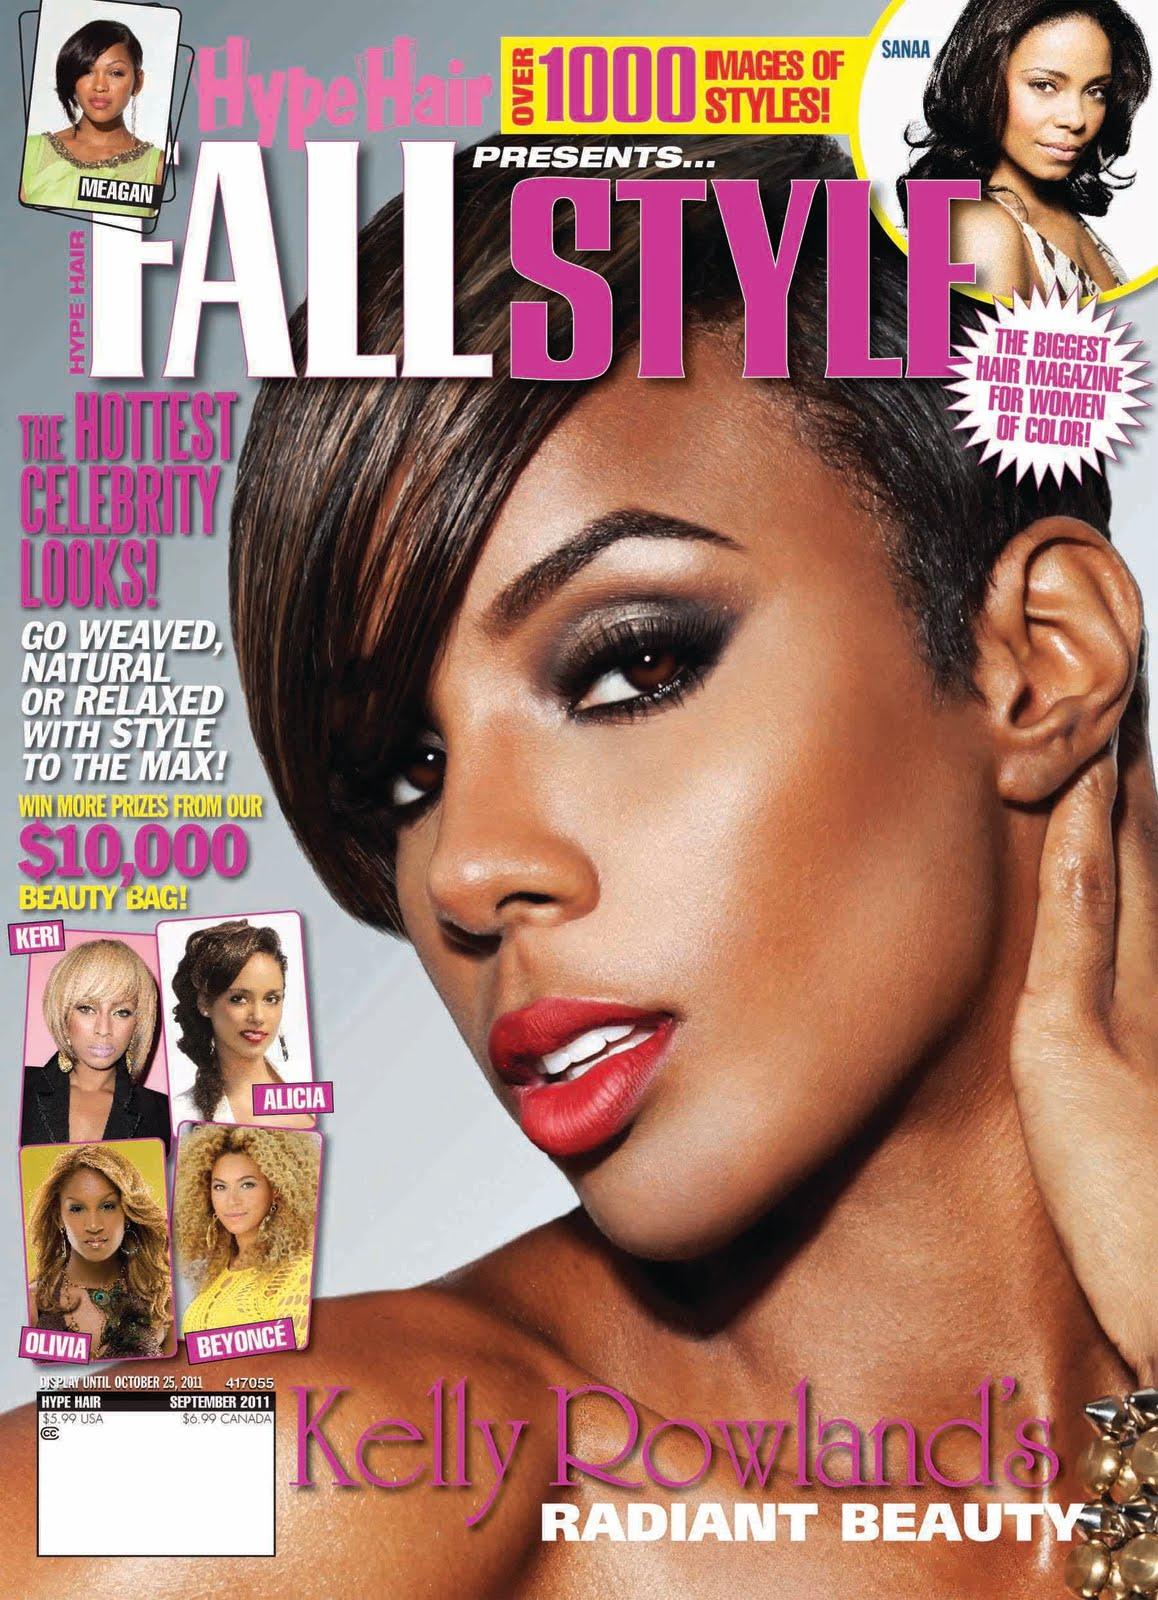 http://1.bp.blogspot.com/-p0Dm7EE8fBc/Tk_FVT9iLpI/AAAAAAAADlc/1yrGmhL9_YI/s1600/hype+hair+september.jpg